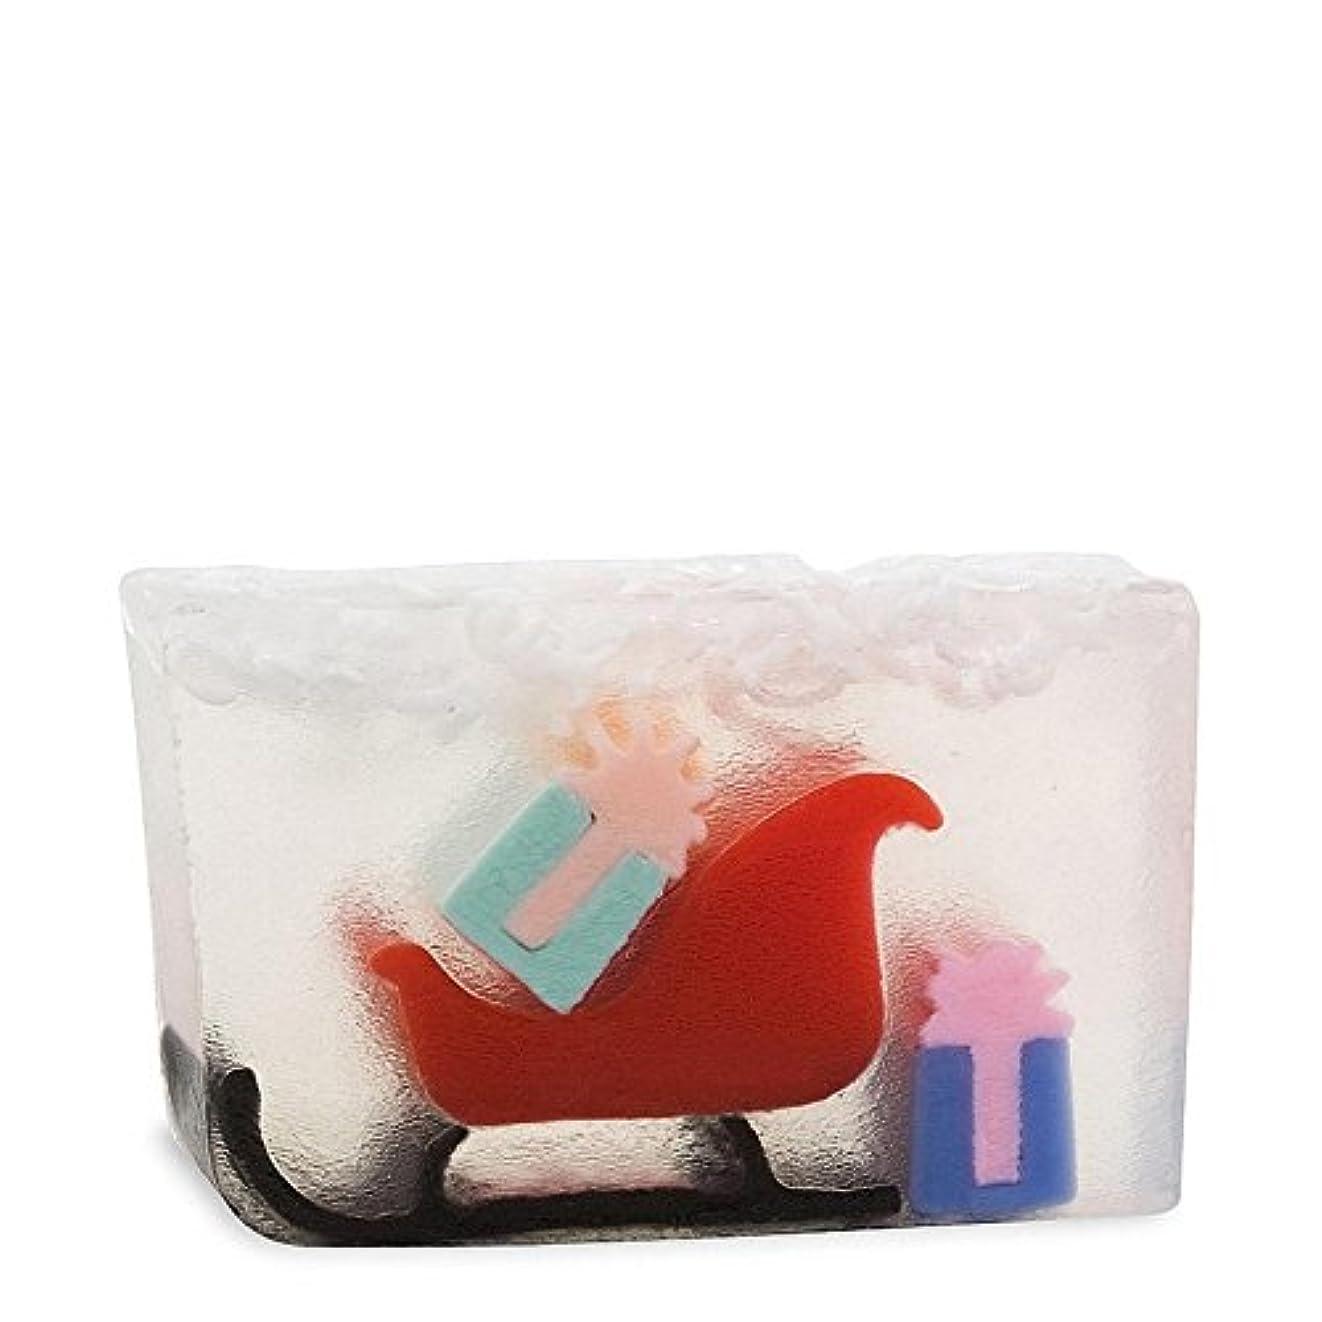 広げるピルスチュアート島原始要素のサンタのそり x2 - Primal Elements Santas Sleigh (Pack of 2) [並行輸入品]